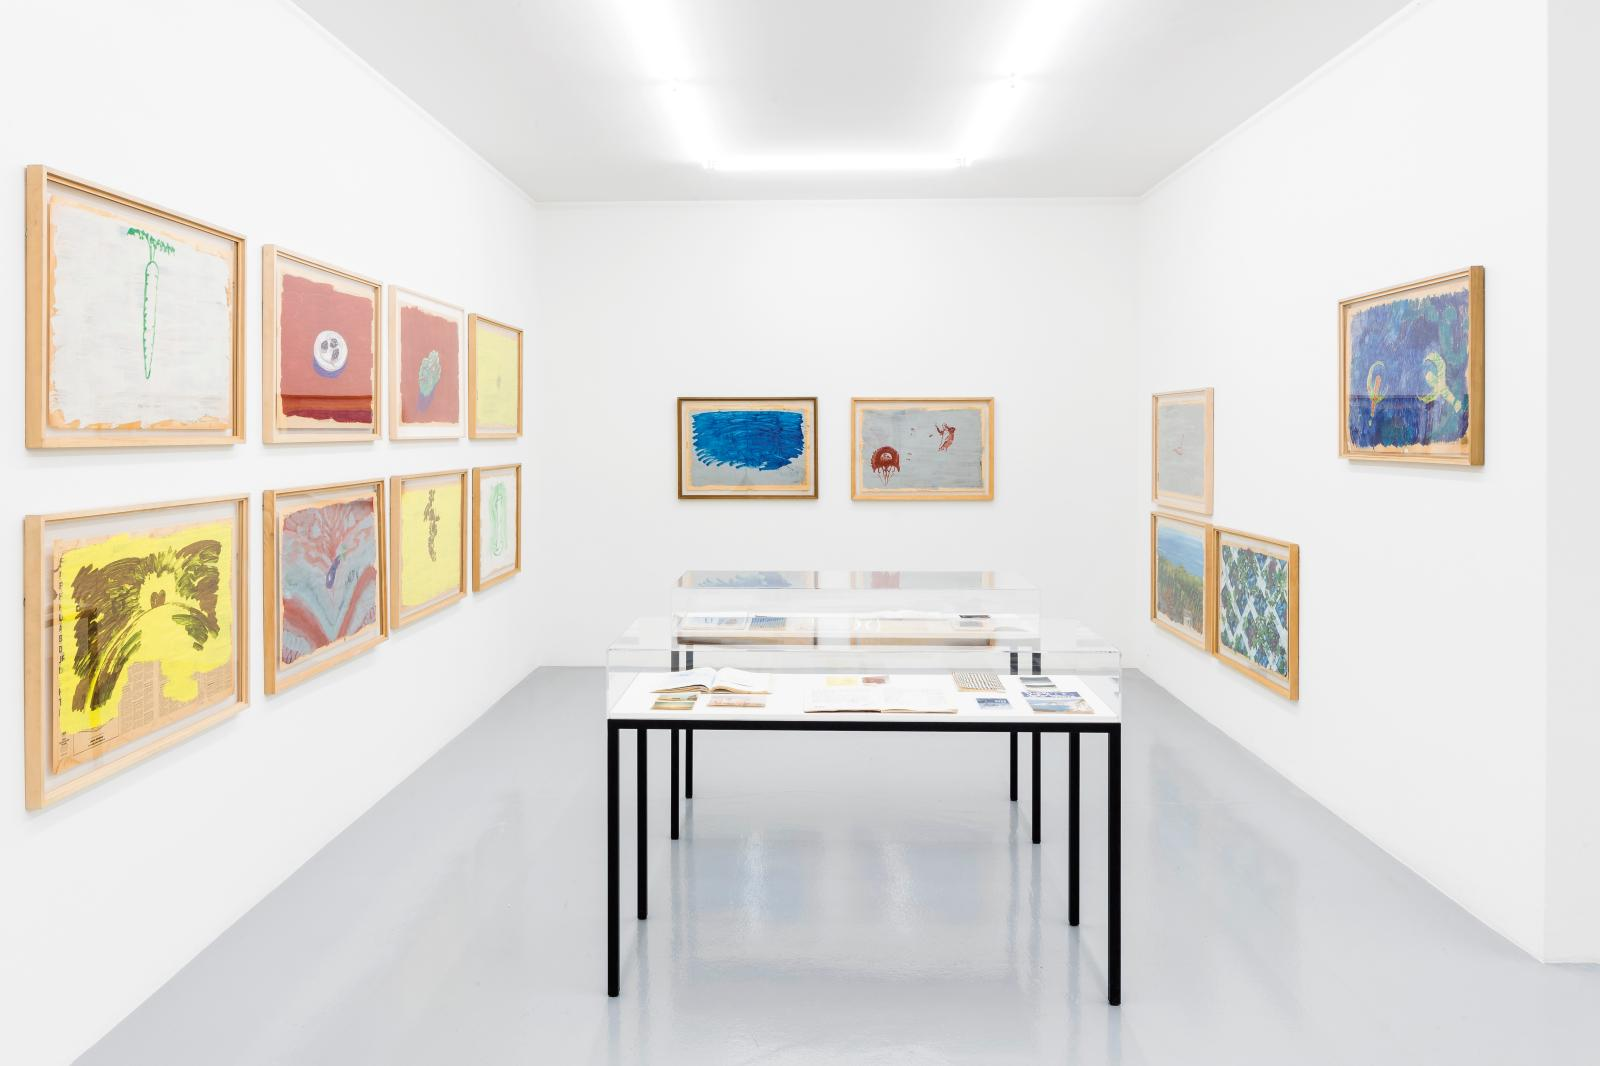 Vue de l'expostion «Paul Thek: Ponza and Roma» à la galerie Mai 36.